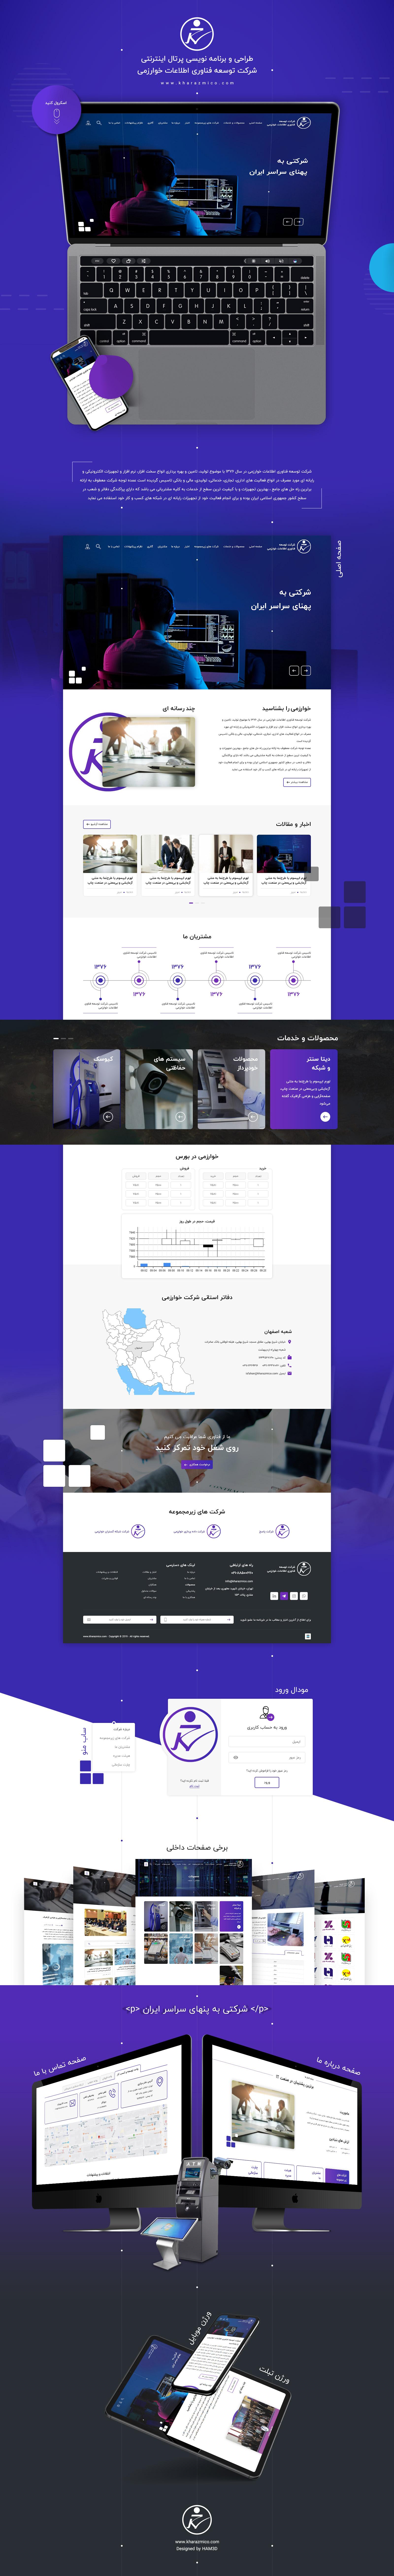 پرتال اینترنتی شرکت توسعه فناوری اطلاعات خوارزمی